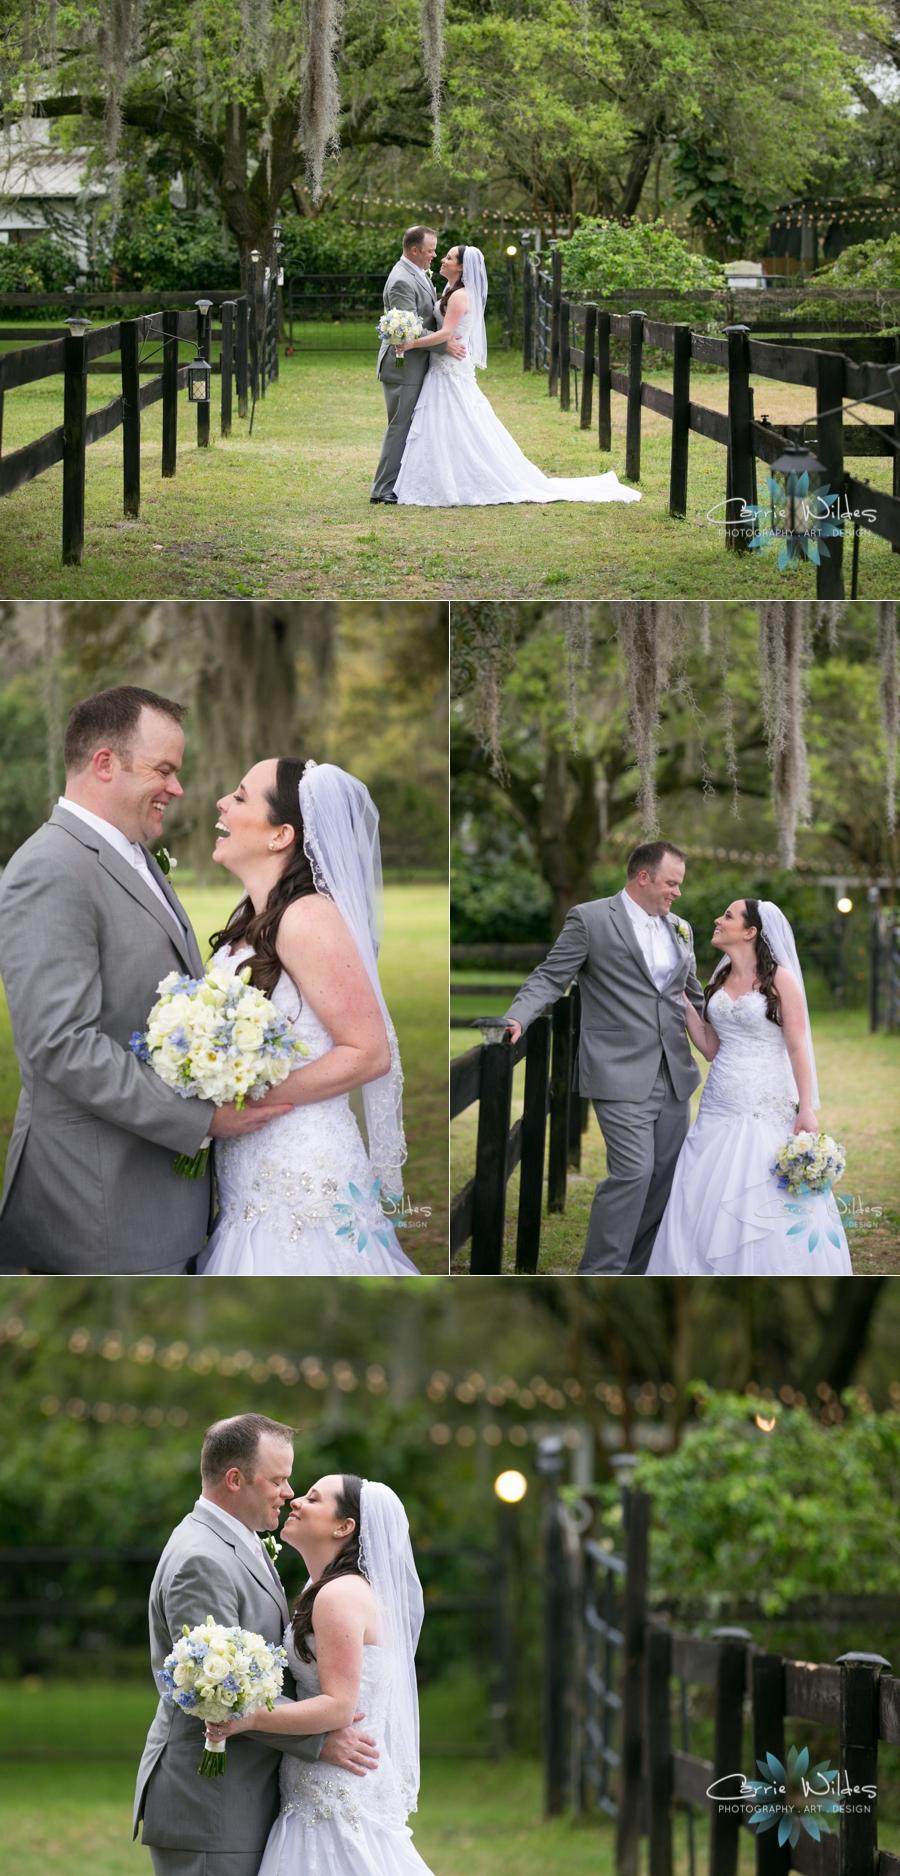 3_19_16 Karnes Stables Wedding_0024.jpg